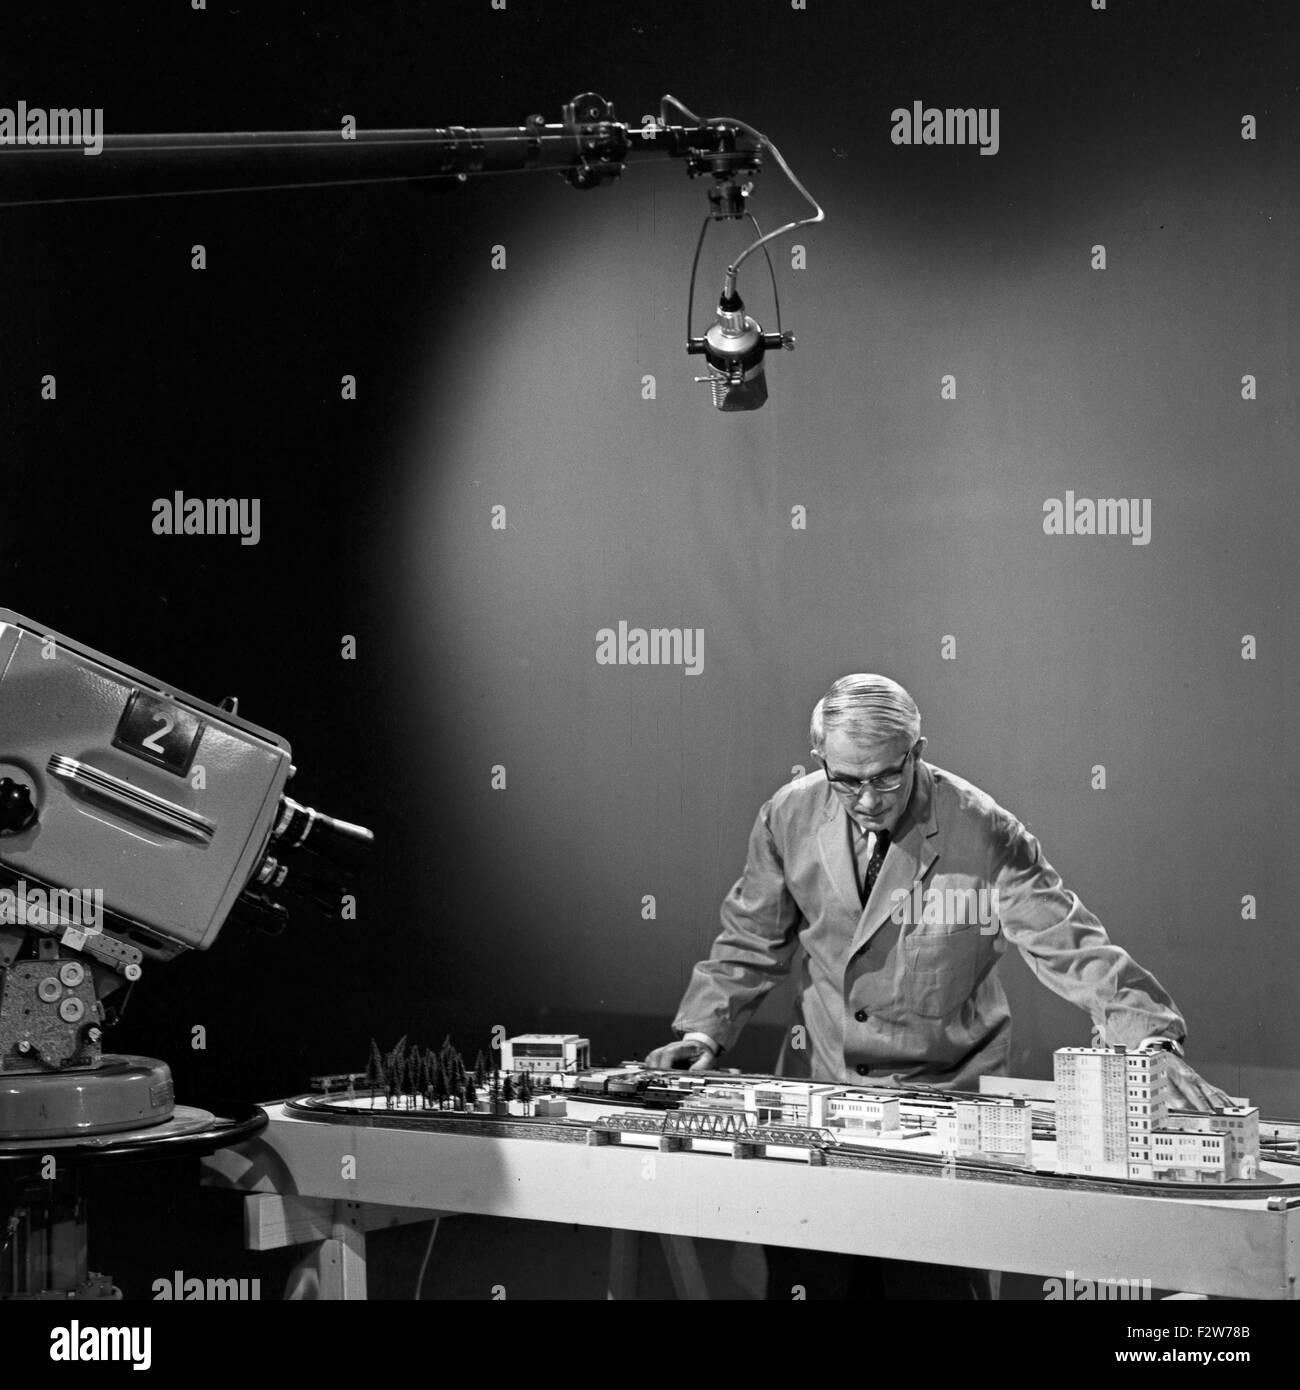 Friedrich Karl Ries en cerquero Bastelsendung spricht über das Thema Modelleisenbahn, Deutschland 1960er Jahre. Friedrich Karl Ries en su show de TV sobre modelos de trenes, Alemania 1960. Foto de stock